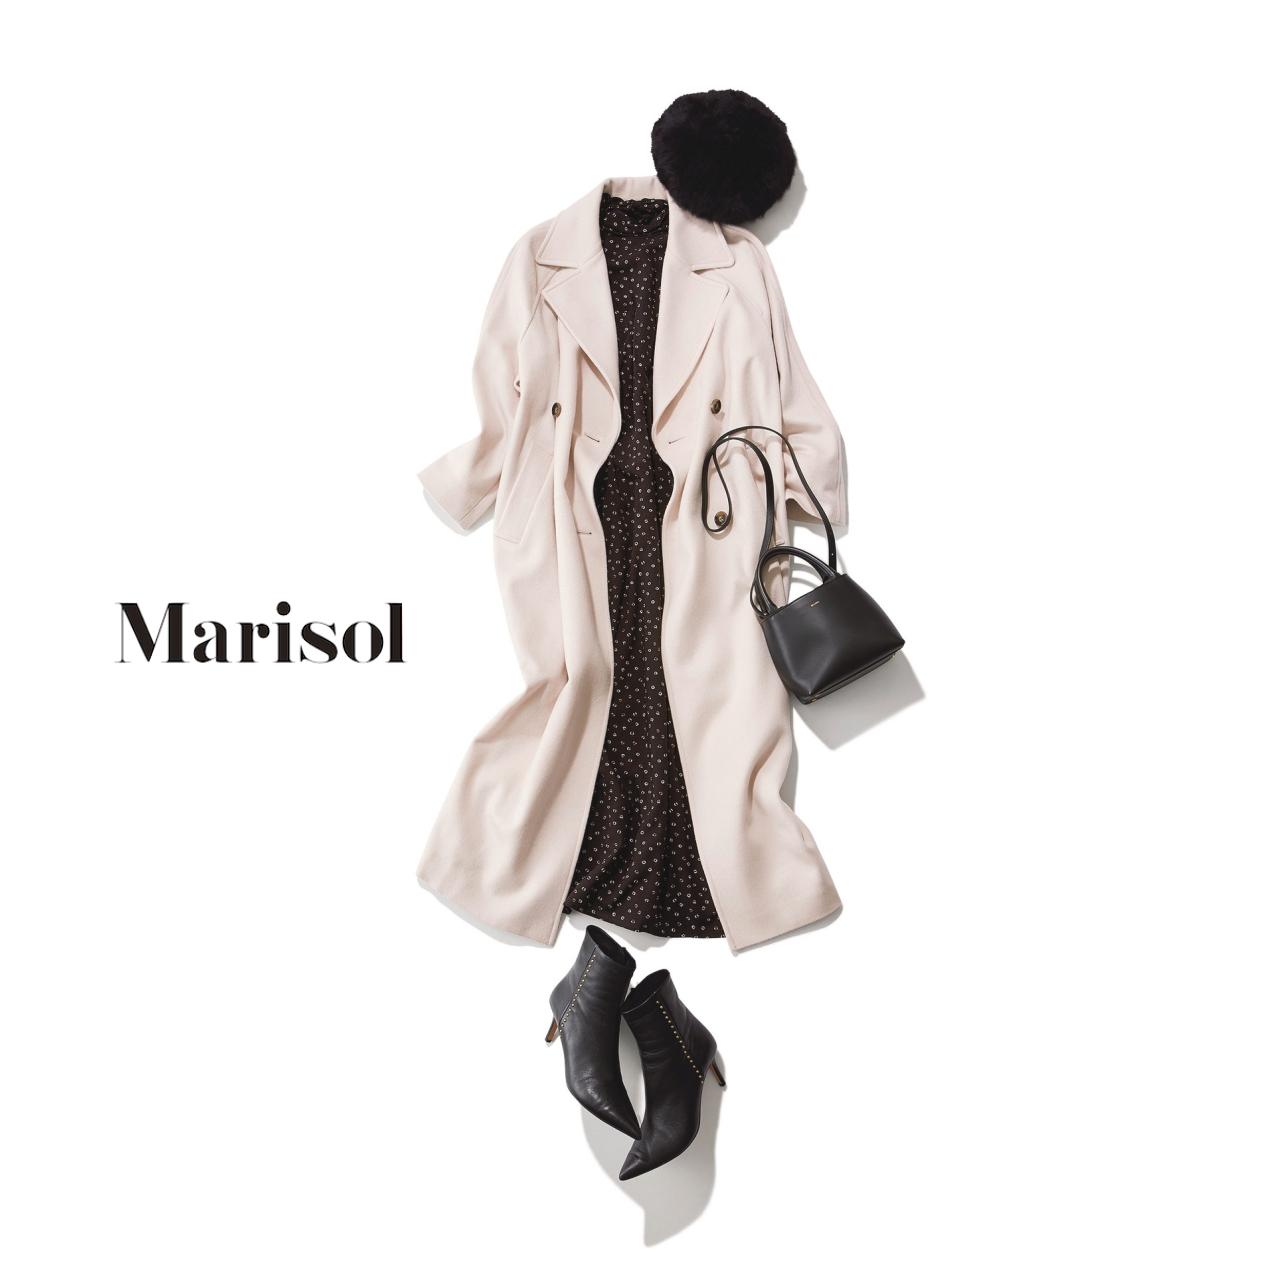 40代ファッション ピンクベージュコート×黒ドット柄ワンピースコーデ